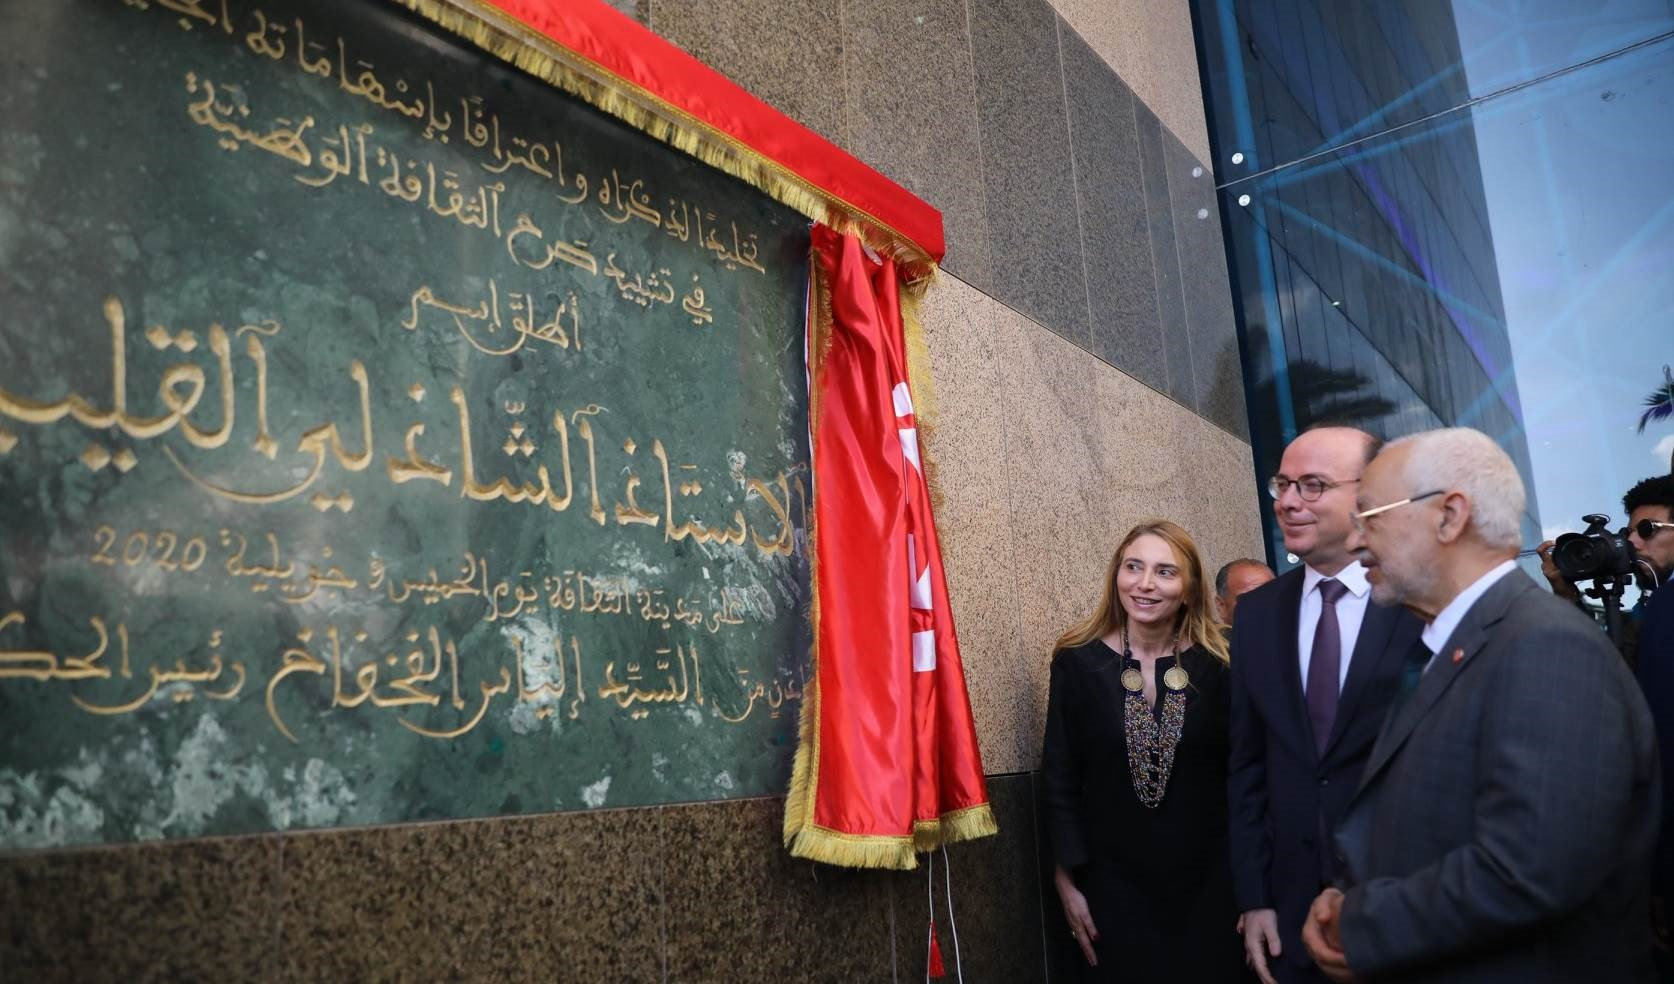 تكريماً له .. تونس تطلق اسم الشاذلي القليبي على مدينة الثقافة